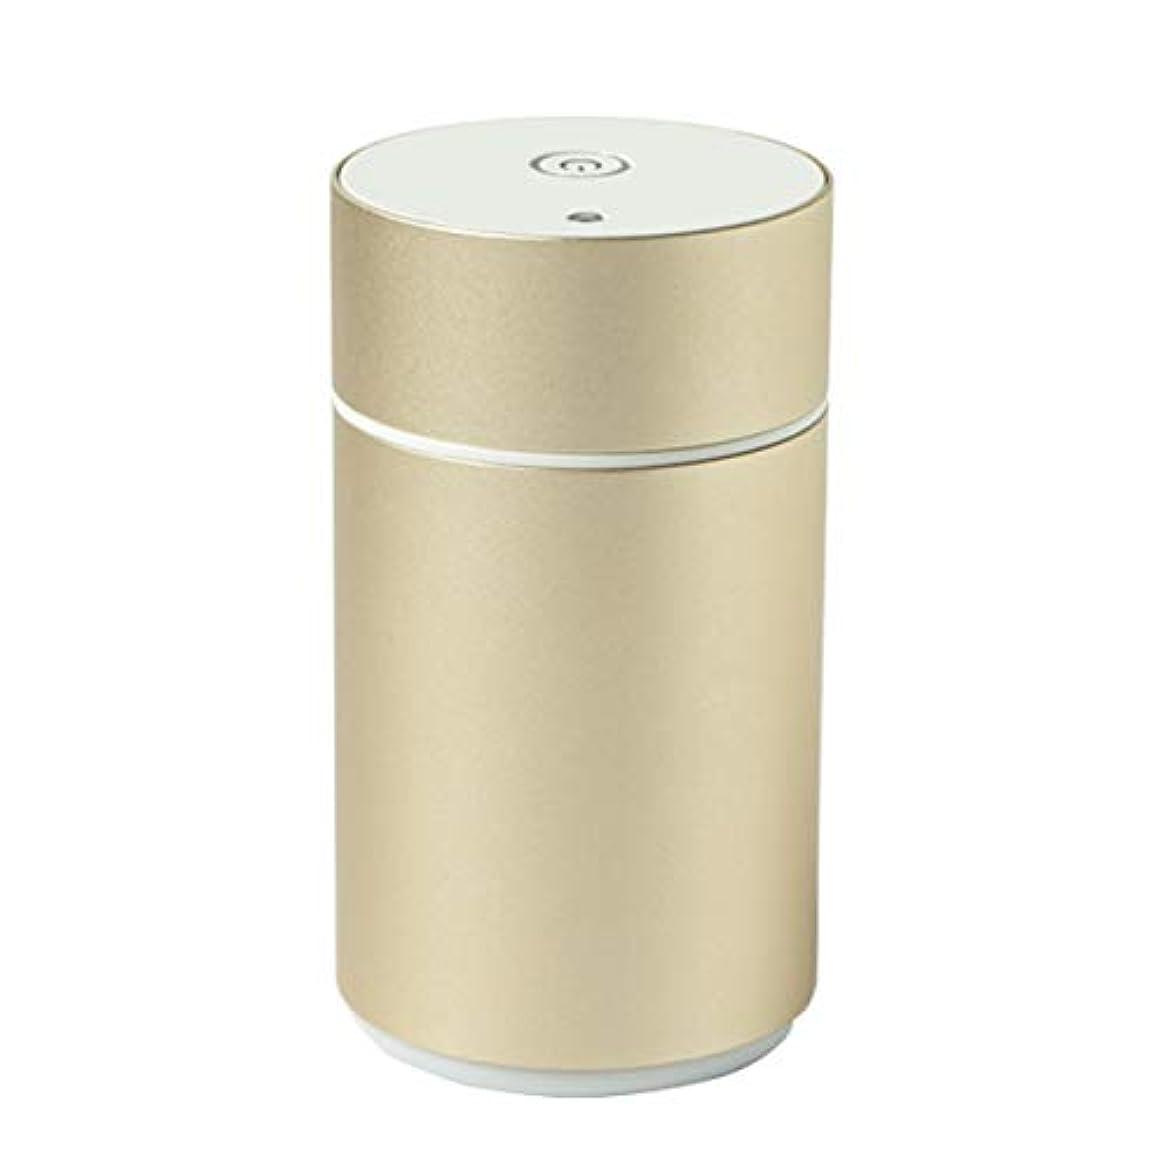 インゲンセンサー感情の生活の木 アロモア ミニ ゴールド (aromore mini gold) (エッセンシャルオイルディフューザー) (圧縮微粒子式アロマディフューザー)